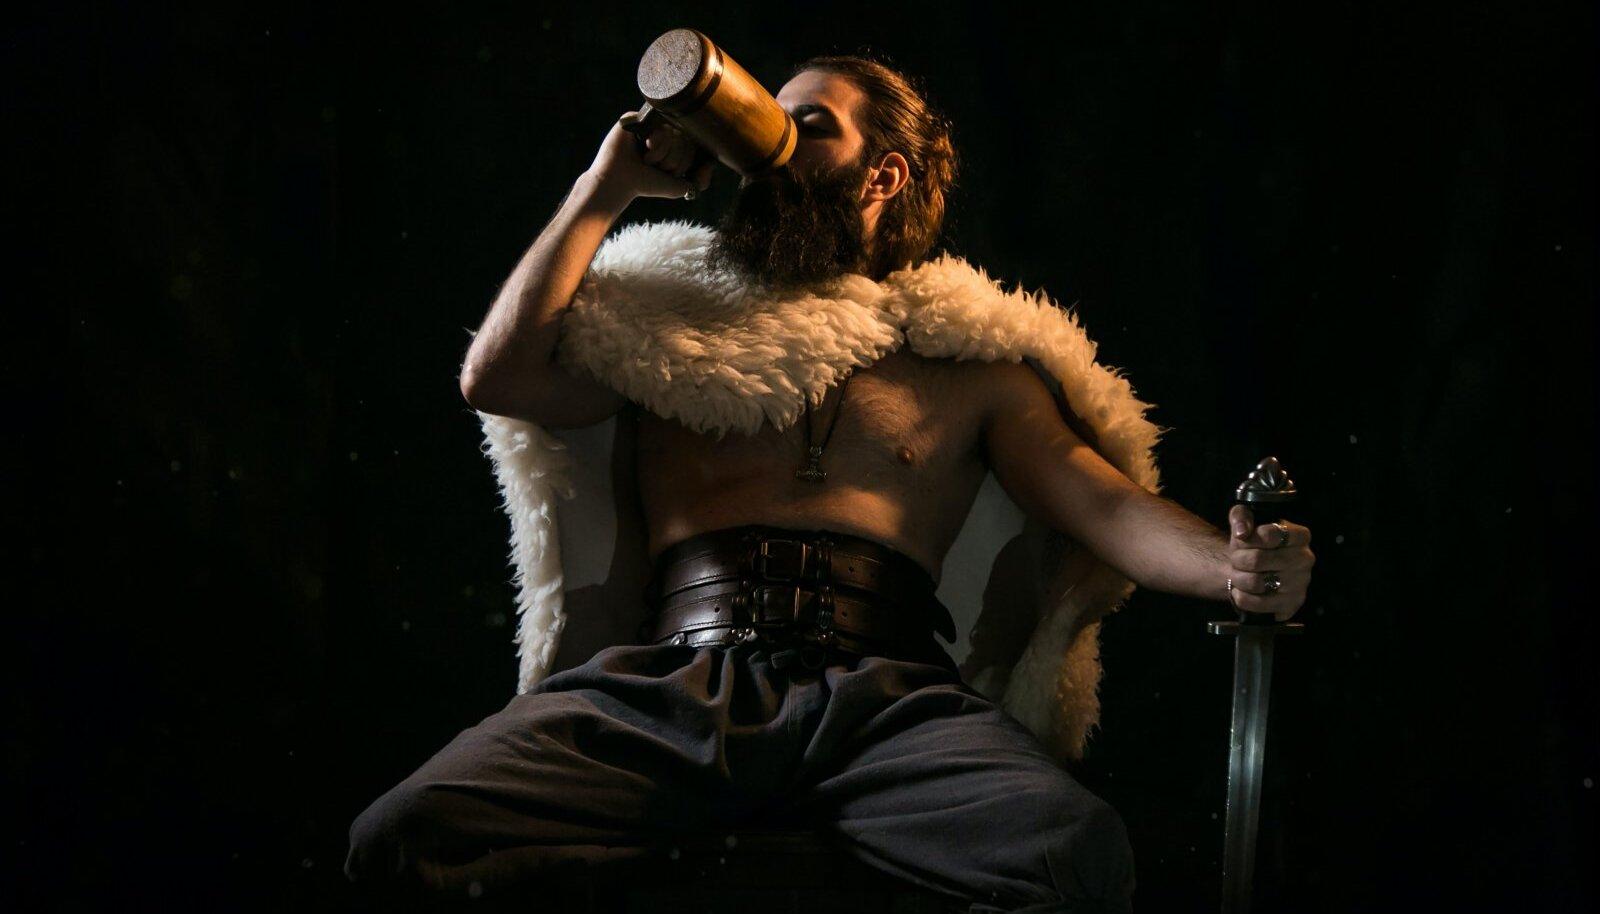 Illustratiivne pilt viikingist (Foto: Unsplash.com / Gioele Fazzeri)